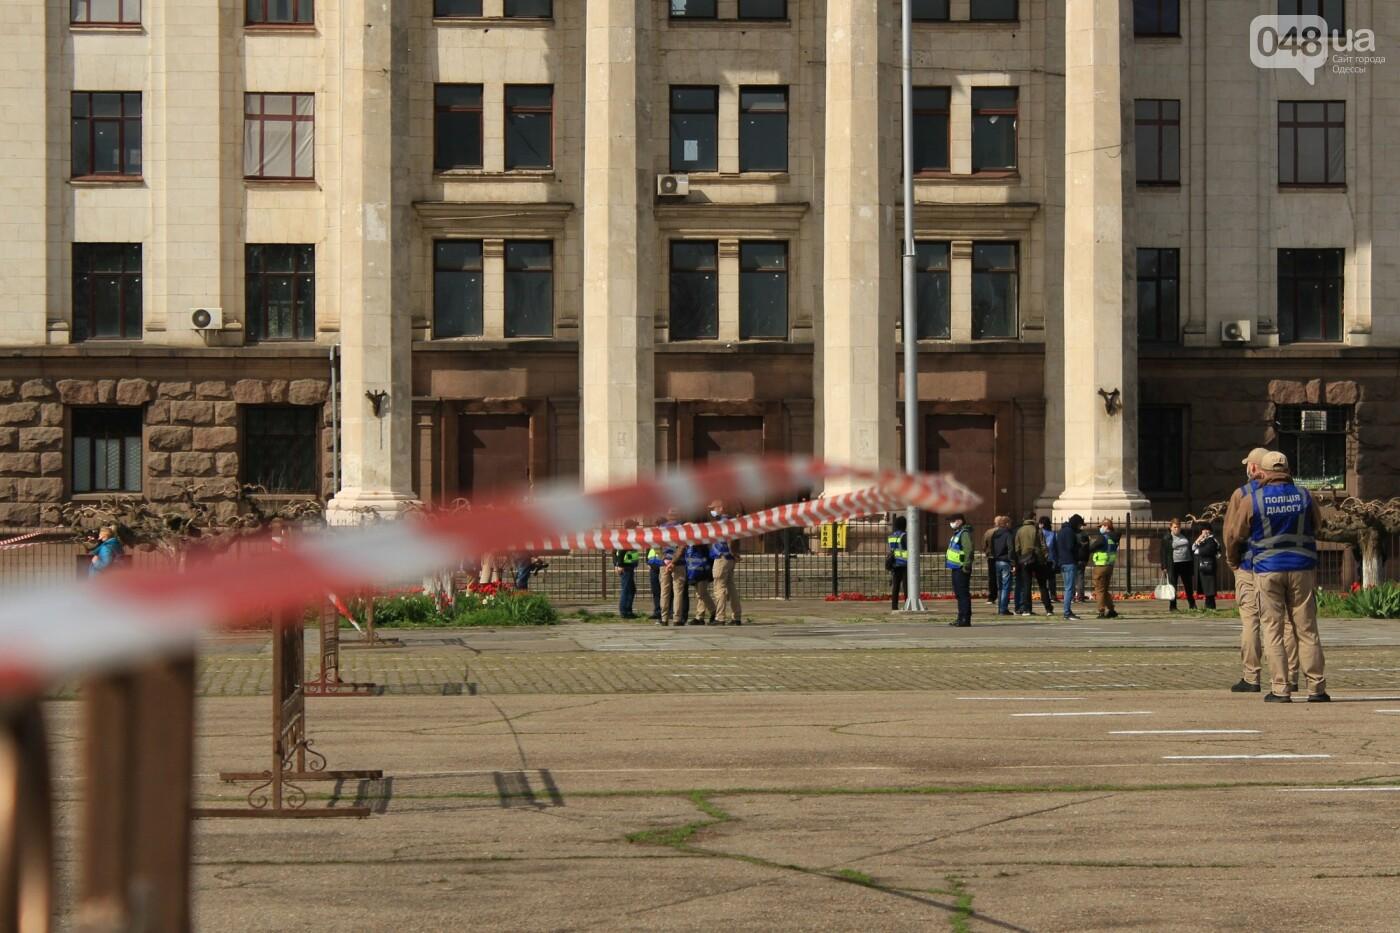 В Одессе к Дому профсоюзов несут цветы под присмотром полиции и медиков, - ФОТО, ВИДЕО , фото-16